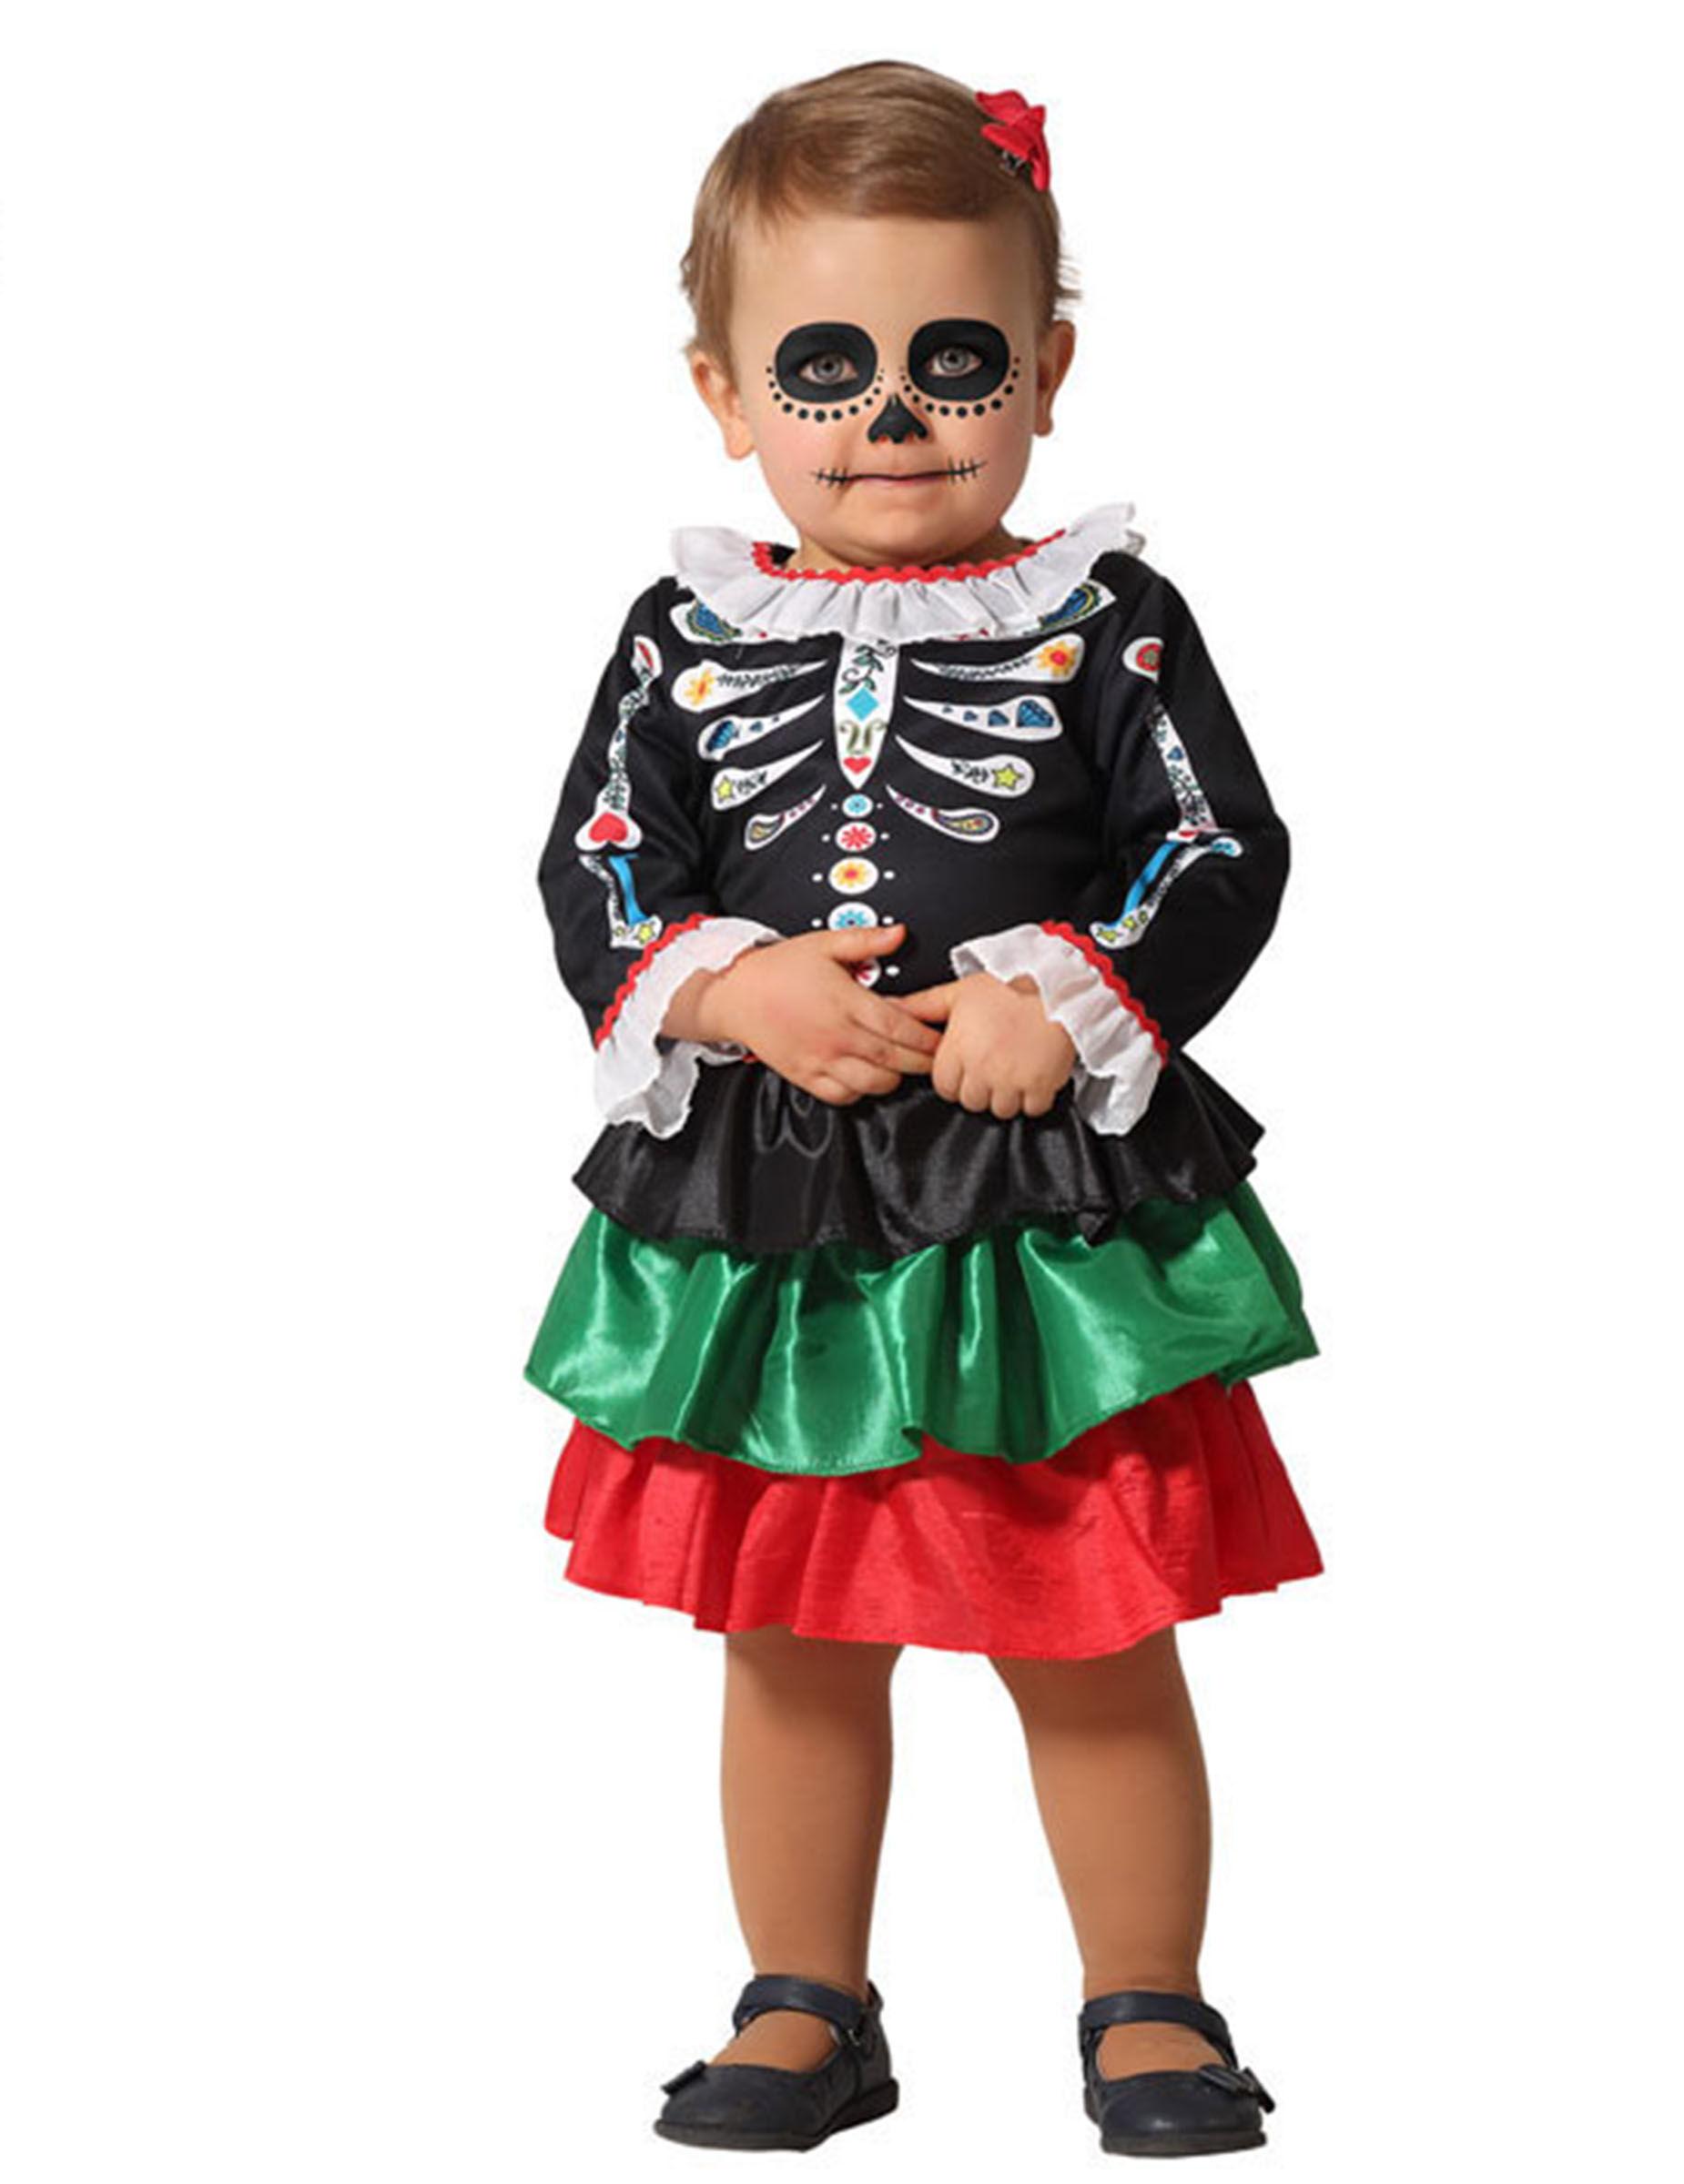 VegaooParty Déguisement squelette Dia de los muertos bébé fille - Taille: 6-12 mois (75 cm)